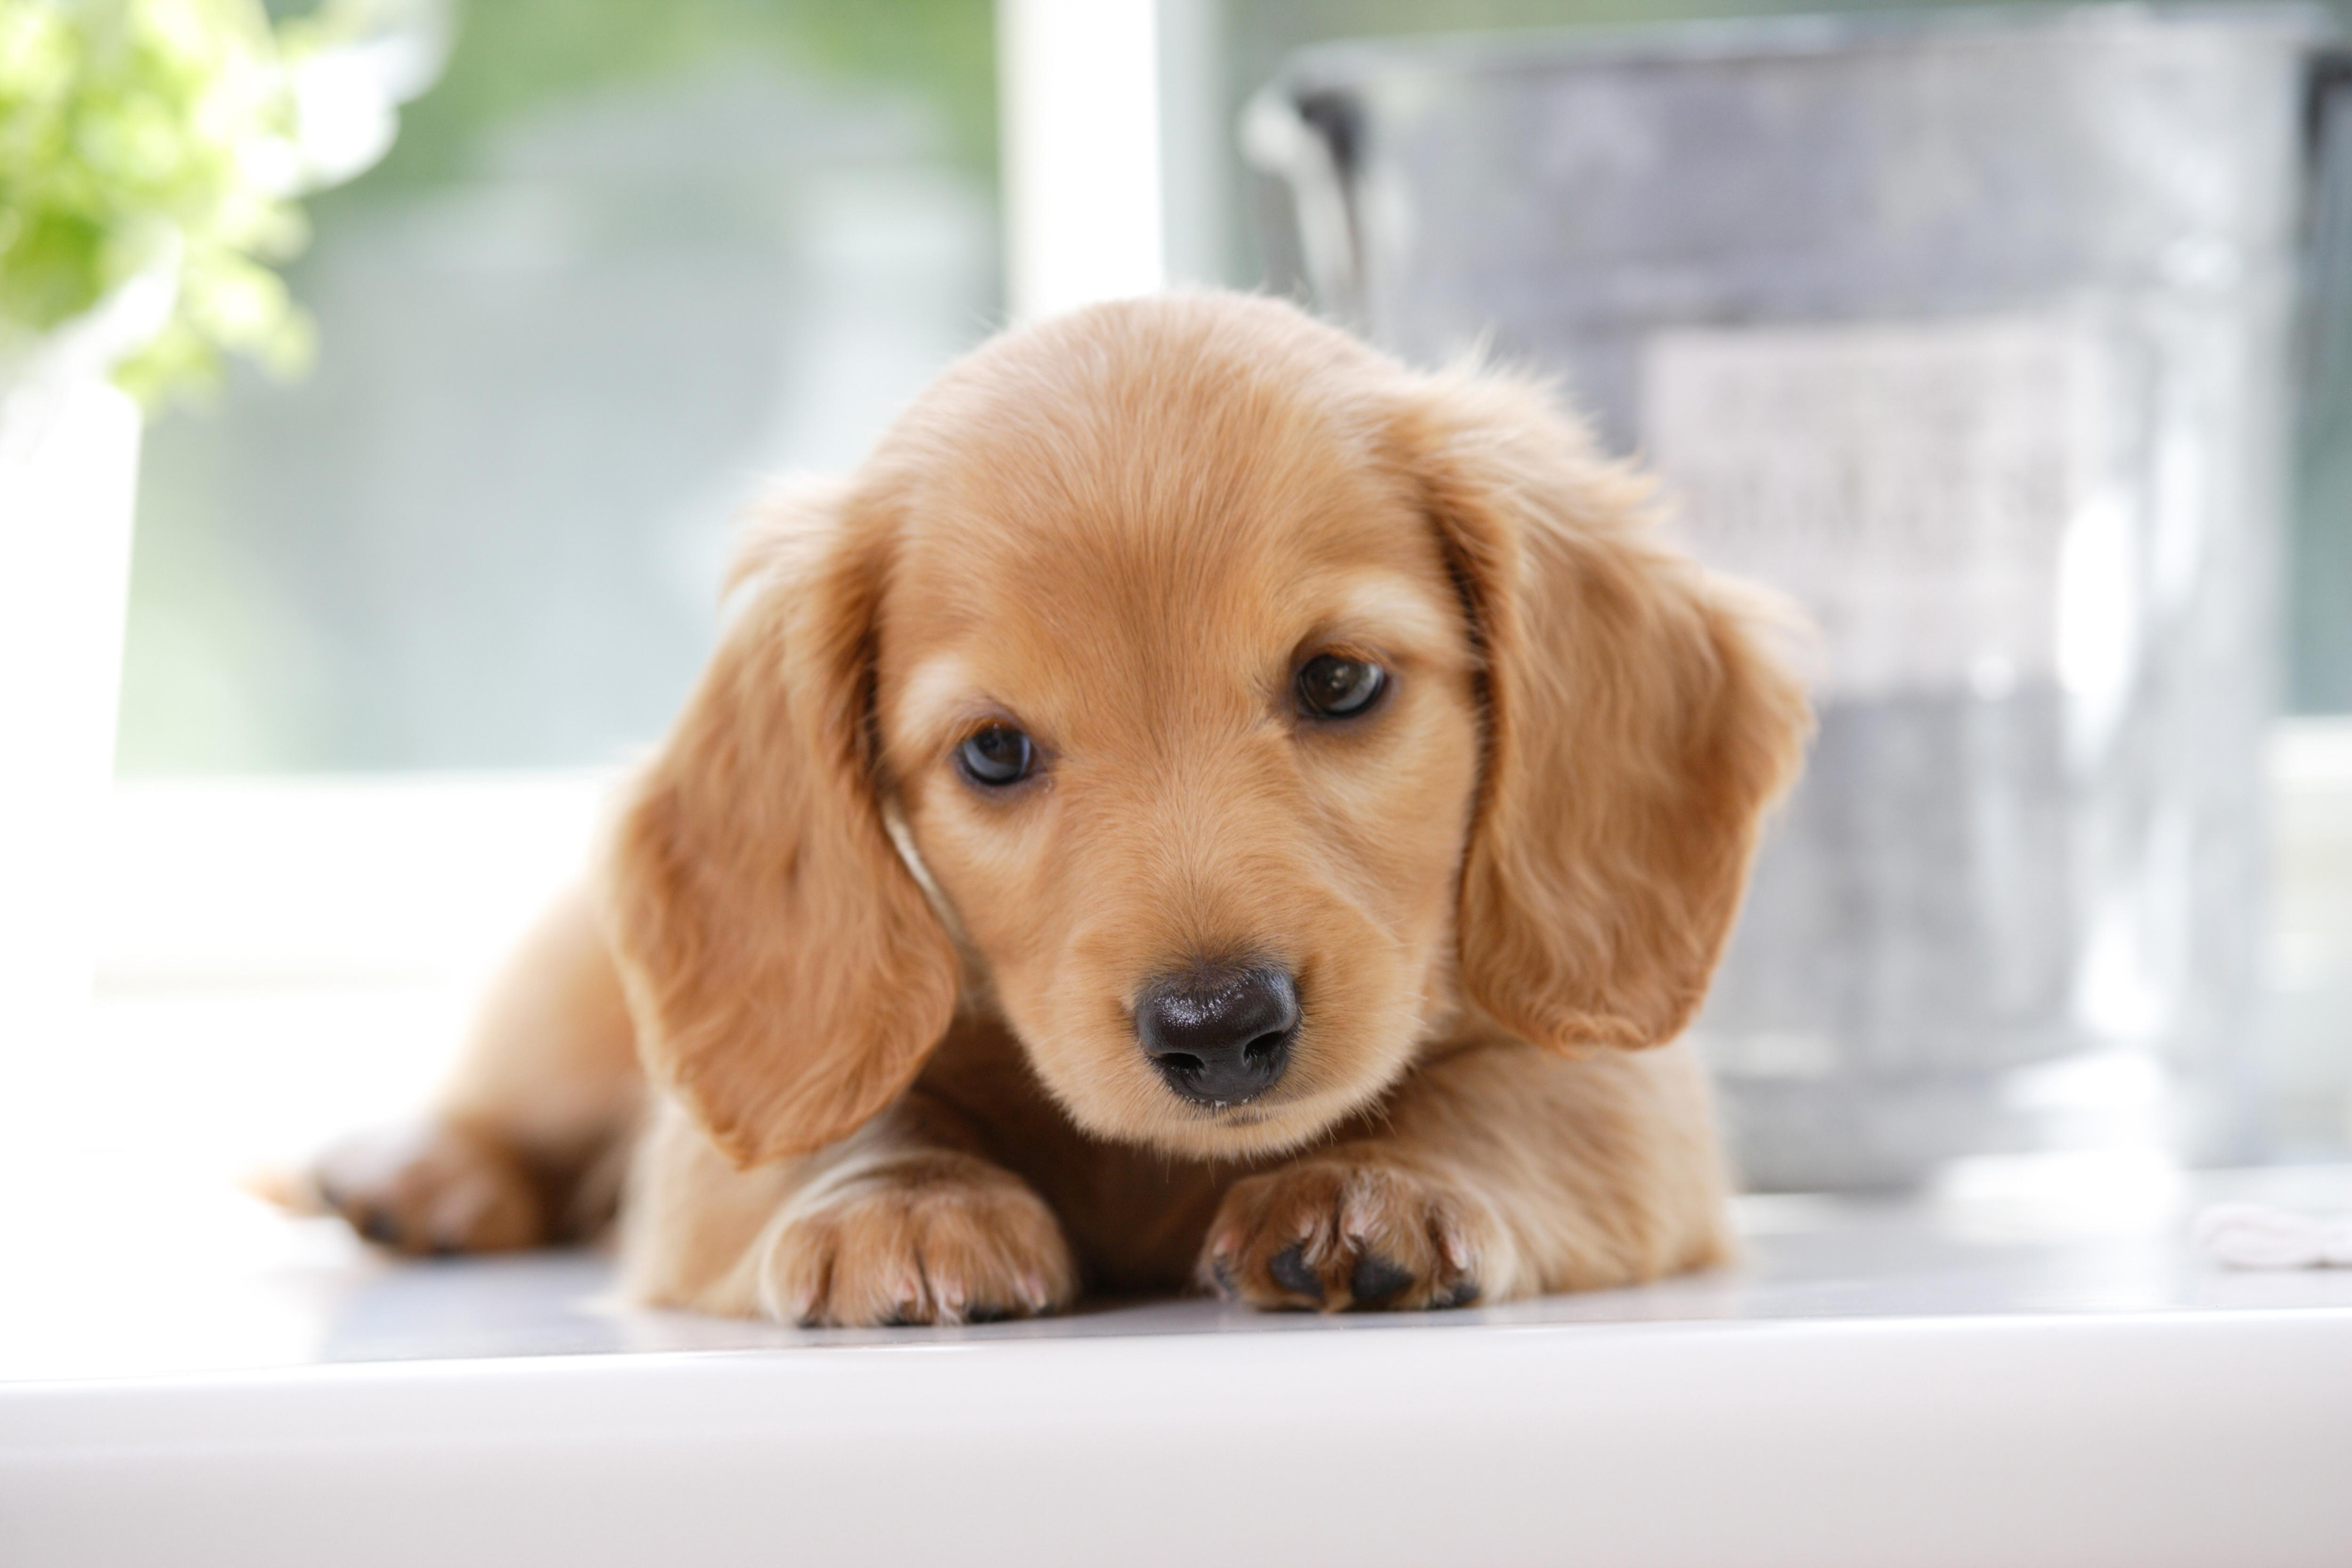 気の強い犬と気の弱い犬の性格はどこで決まるの?